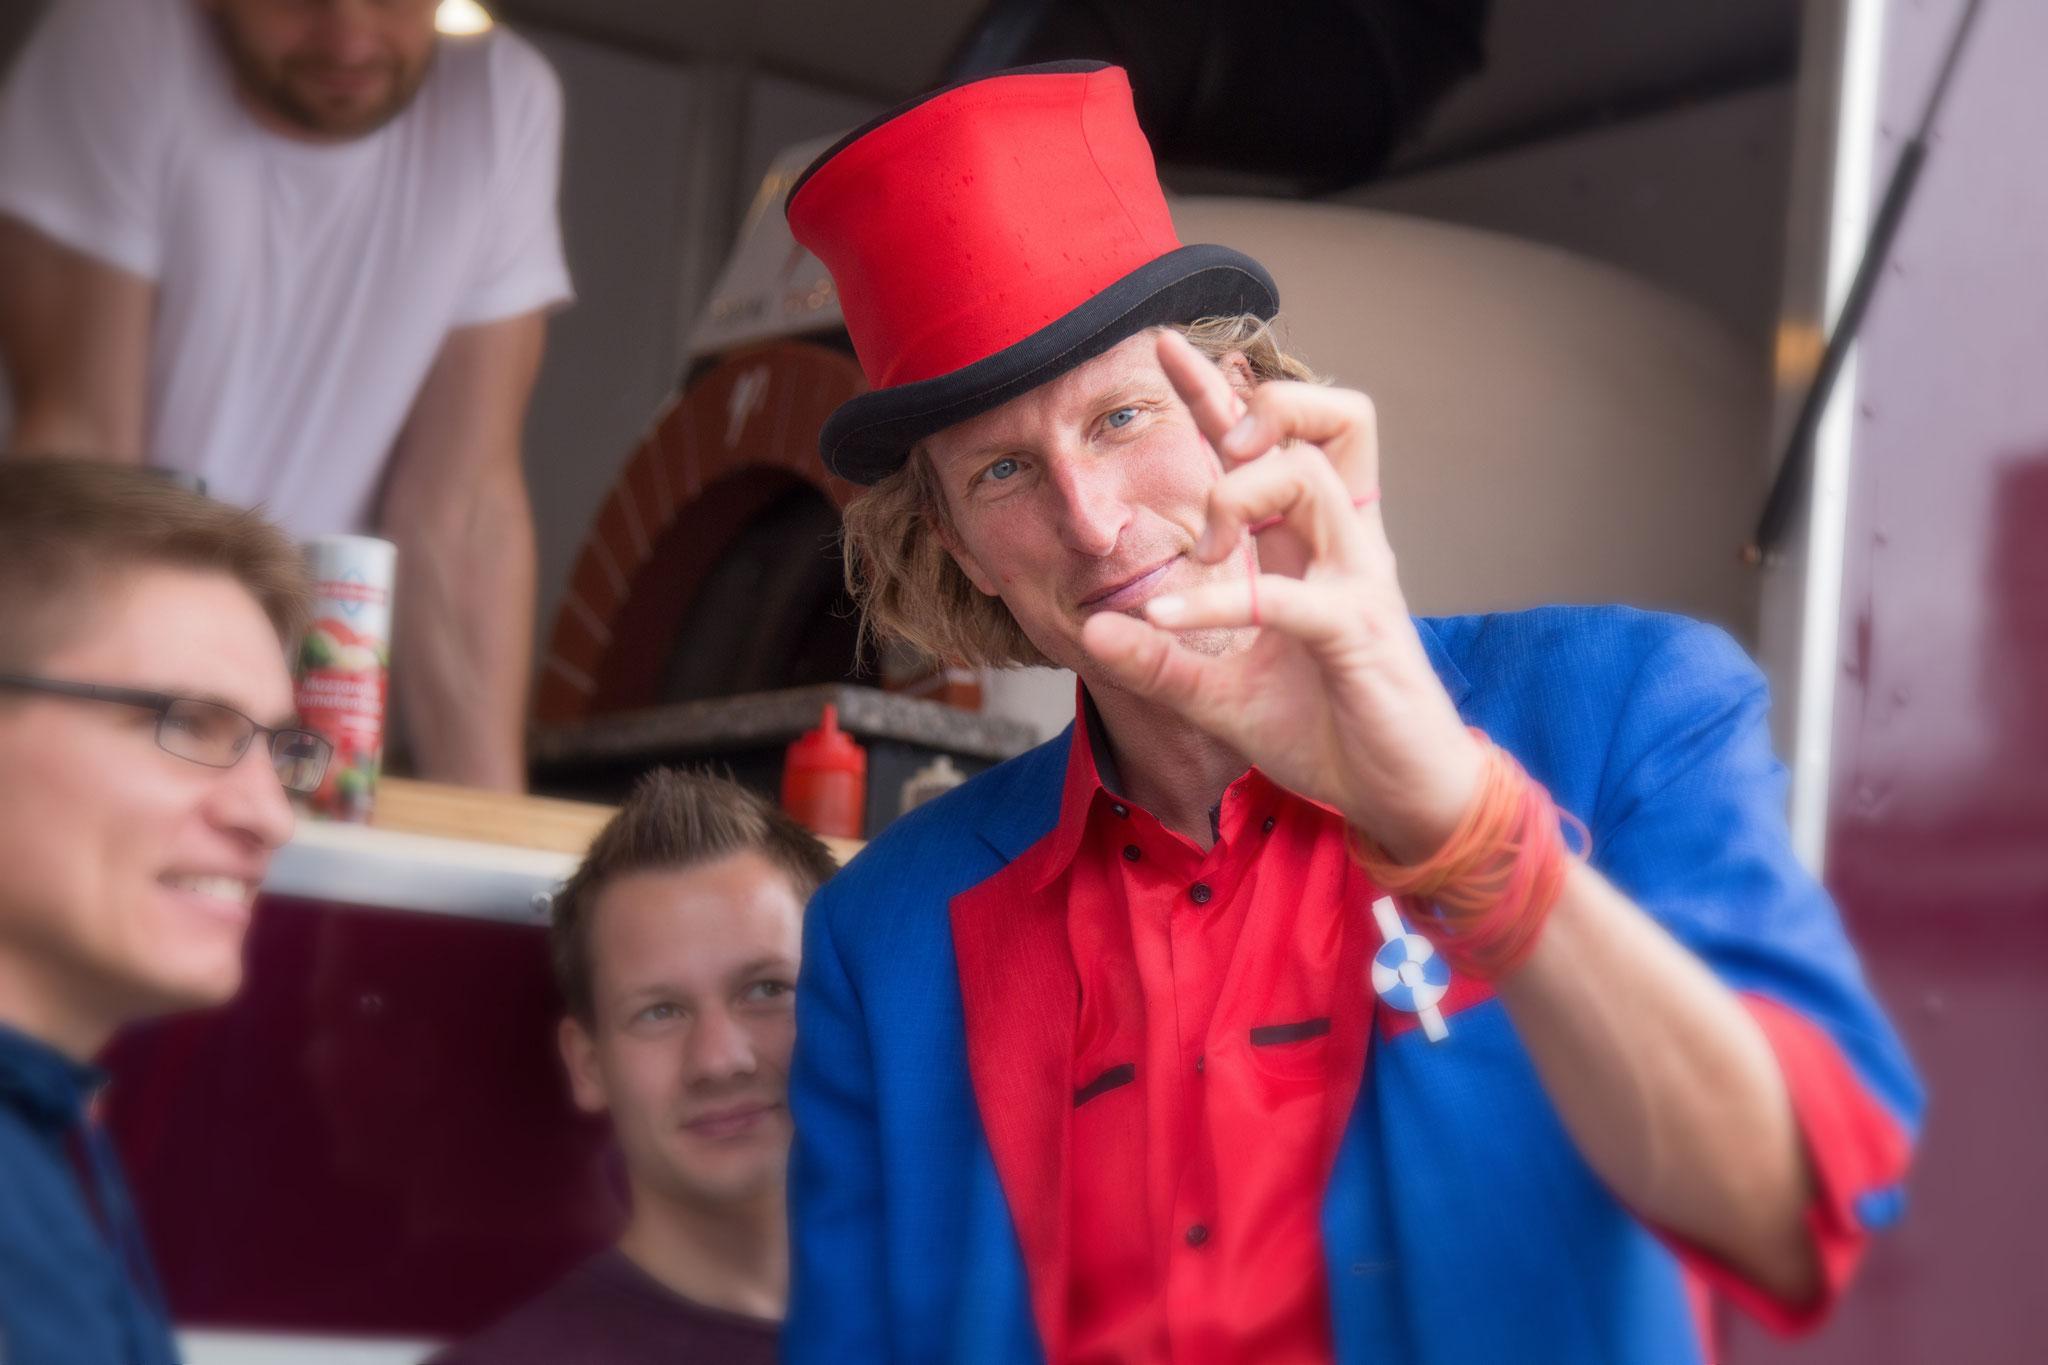 <h2> NEU! Das verrückte Weihnachtsdorf </h2> Ein cooler Zauberer sorgt bei den Gästen für erstaunte Gesichter.